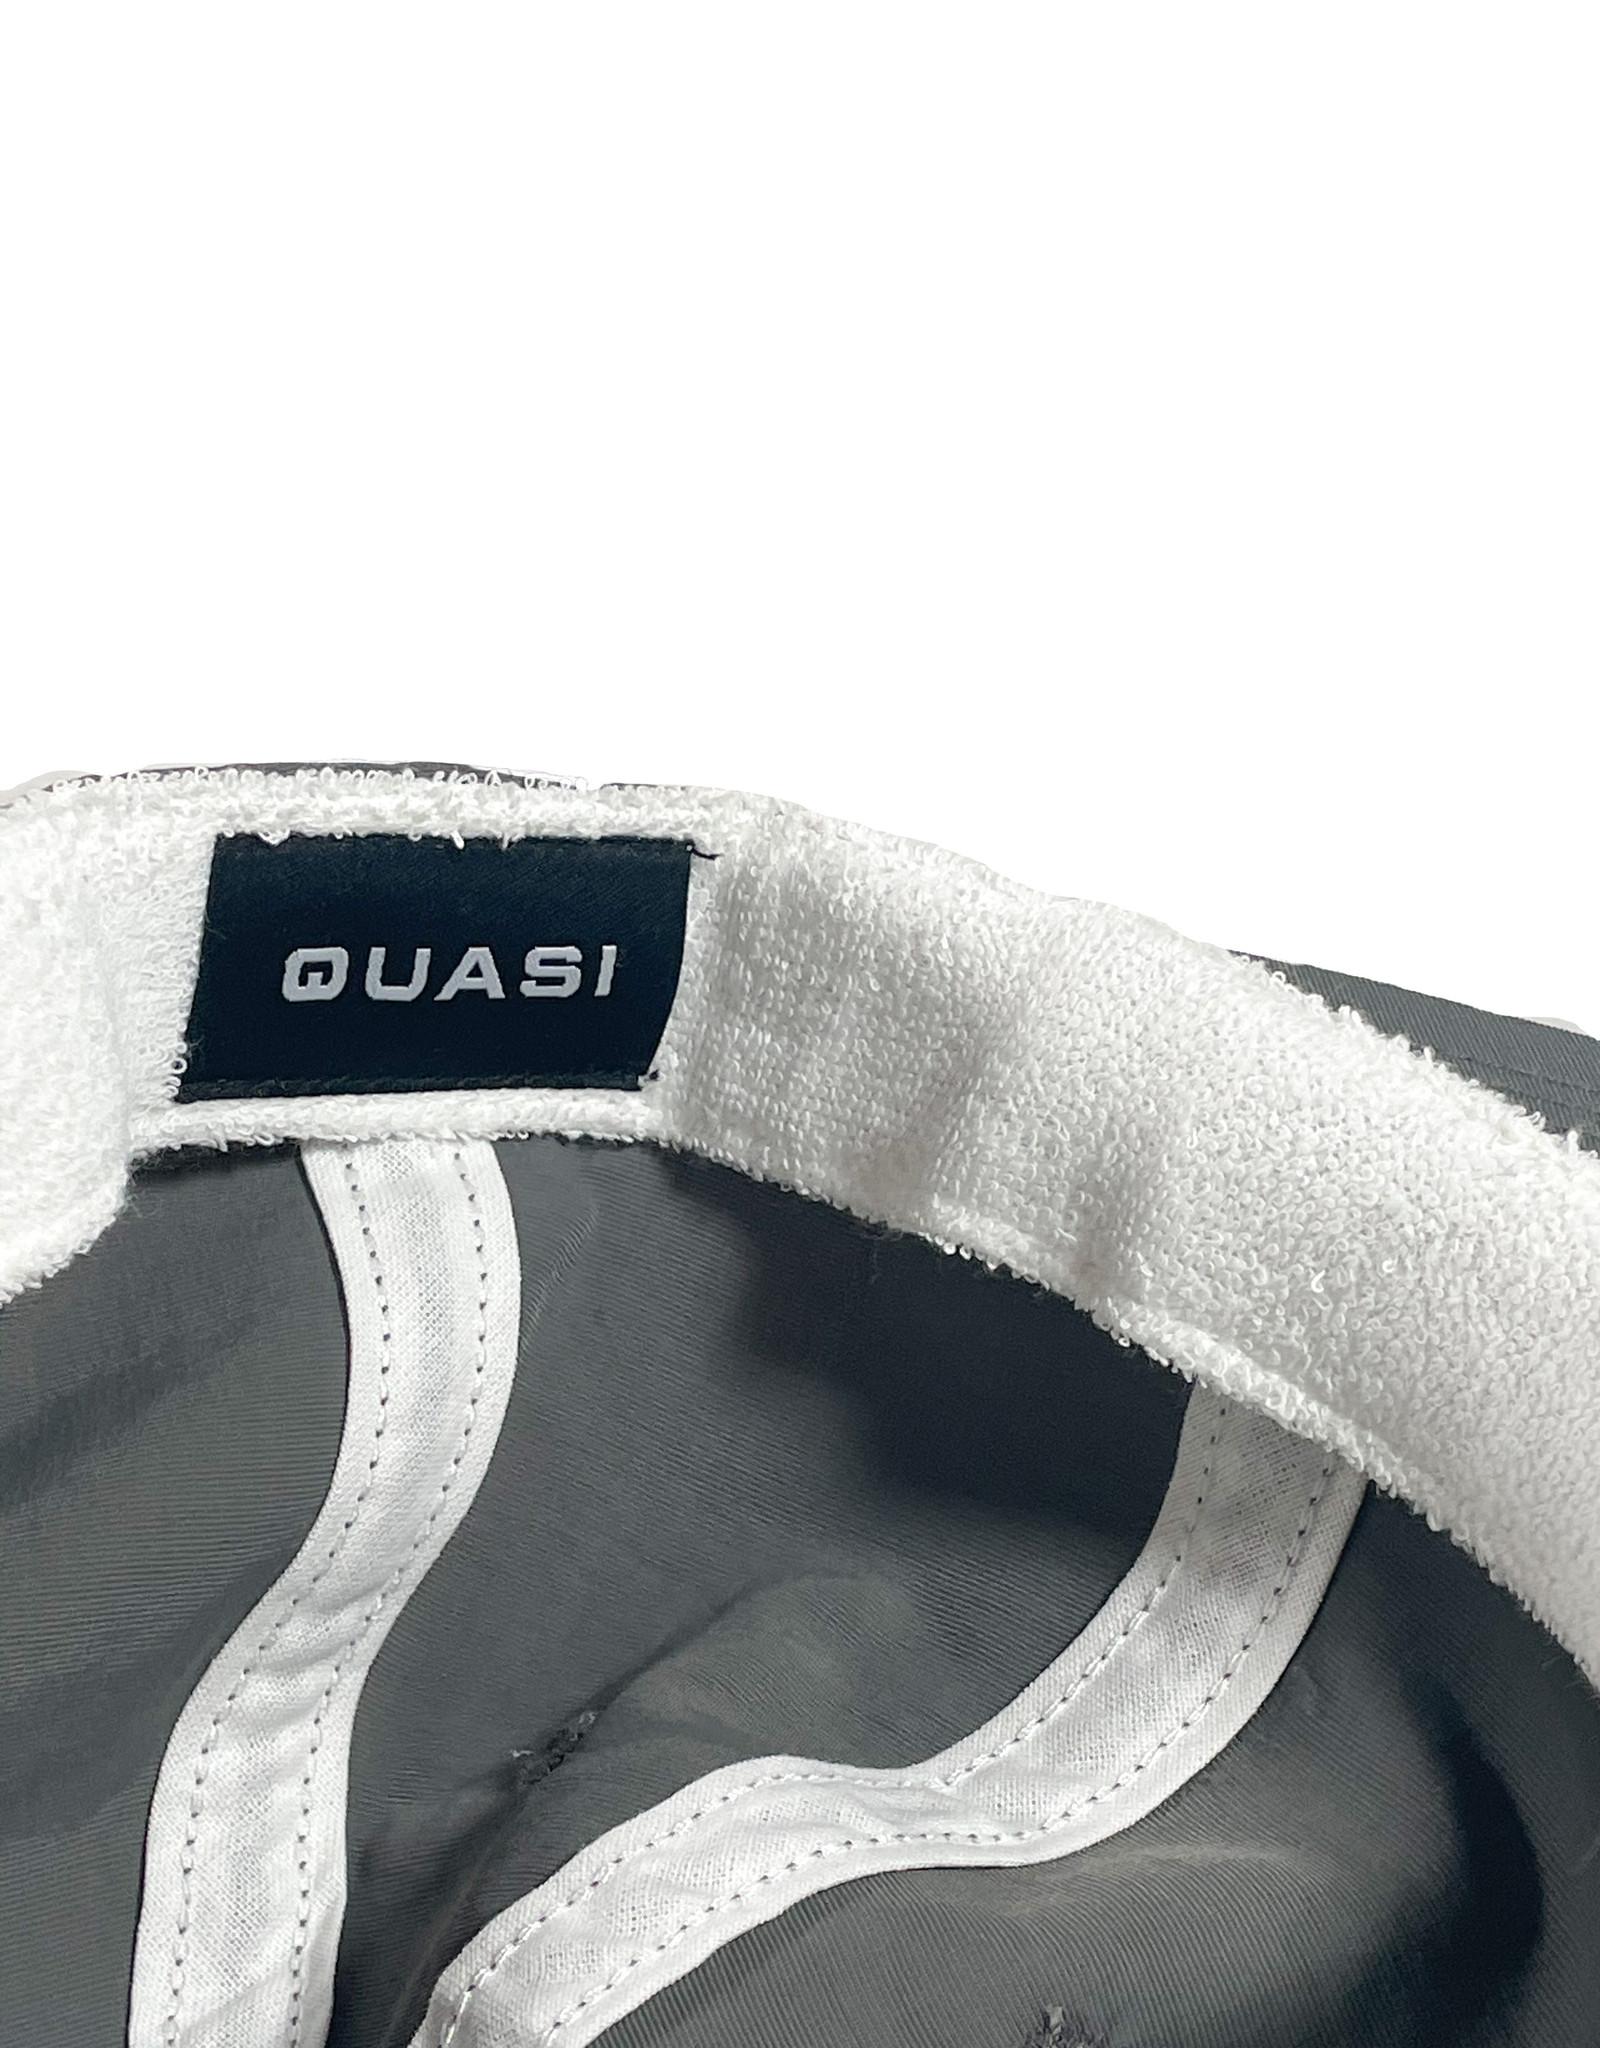 QUASI SKATEBOARDS QUASI 6 PANNEL LETTER HAT - GREY